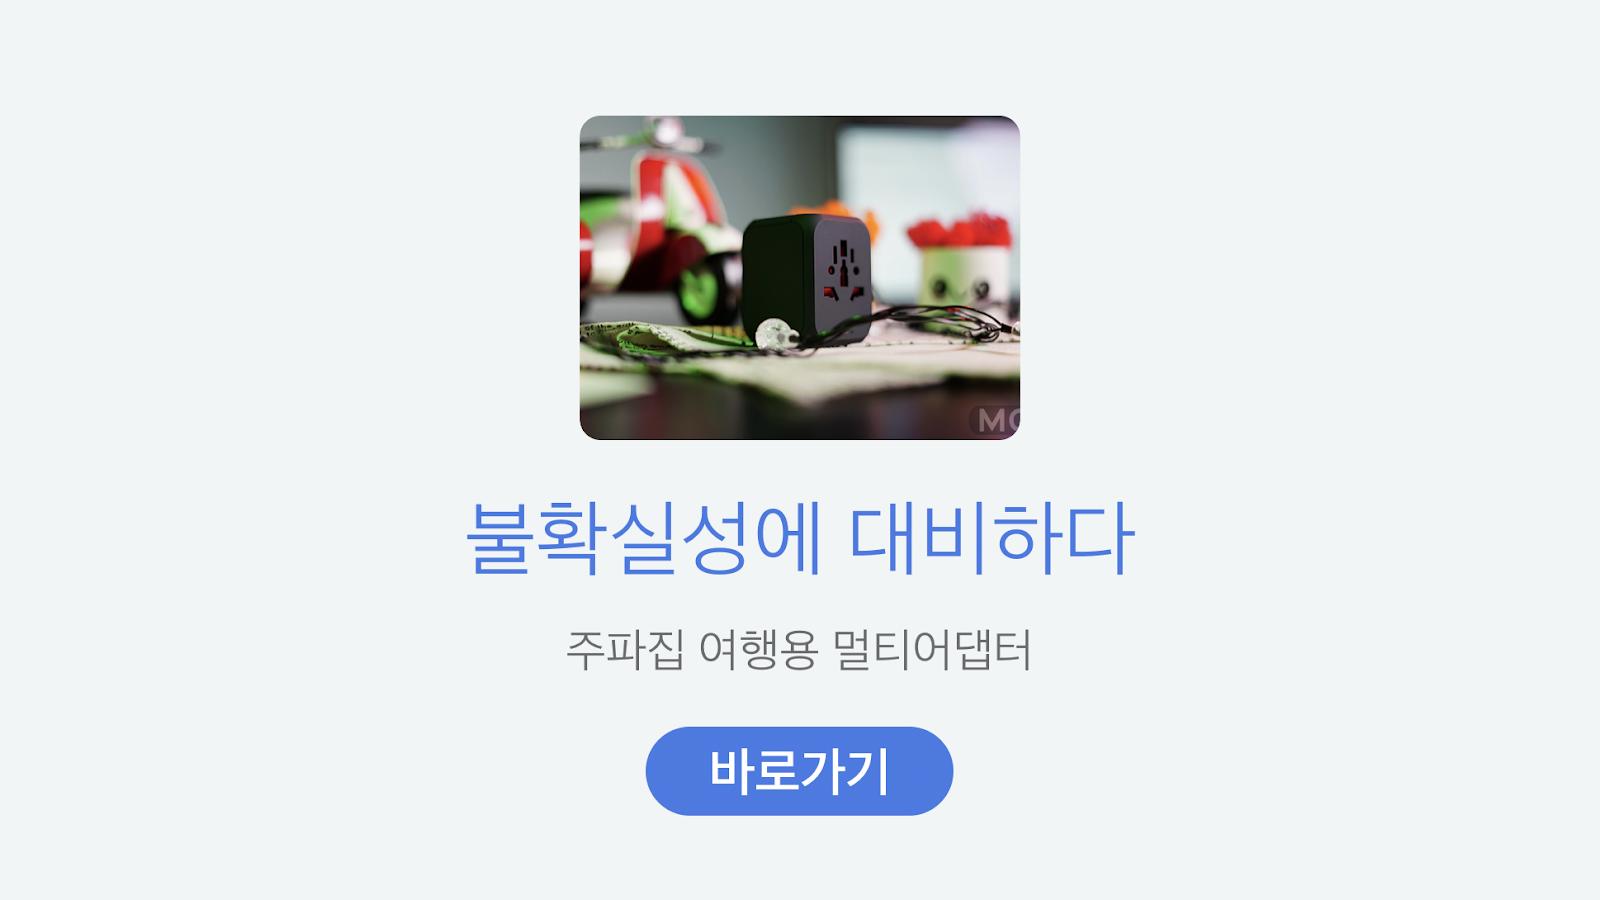 https://smartstore.naver.com/jupazip/products/4568989422